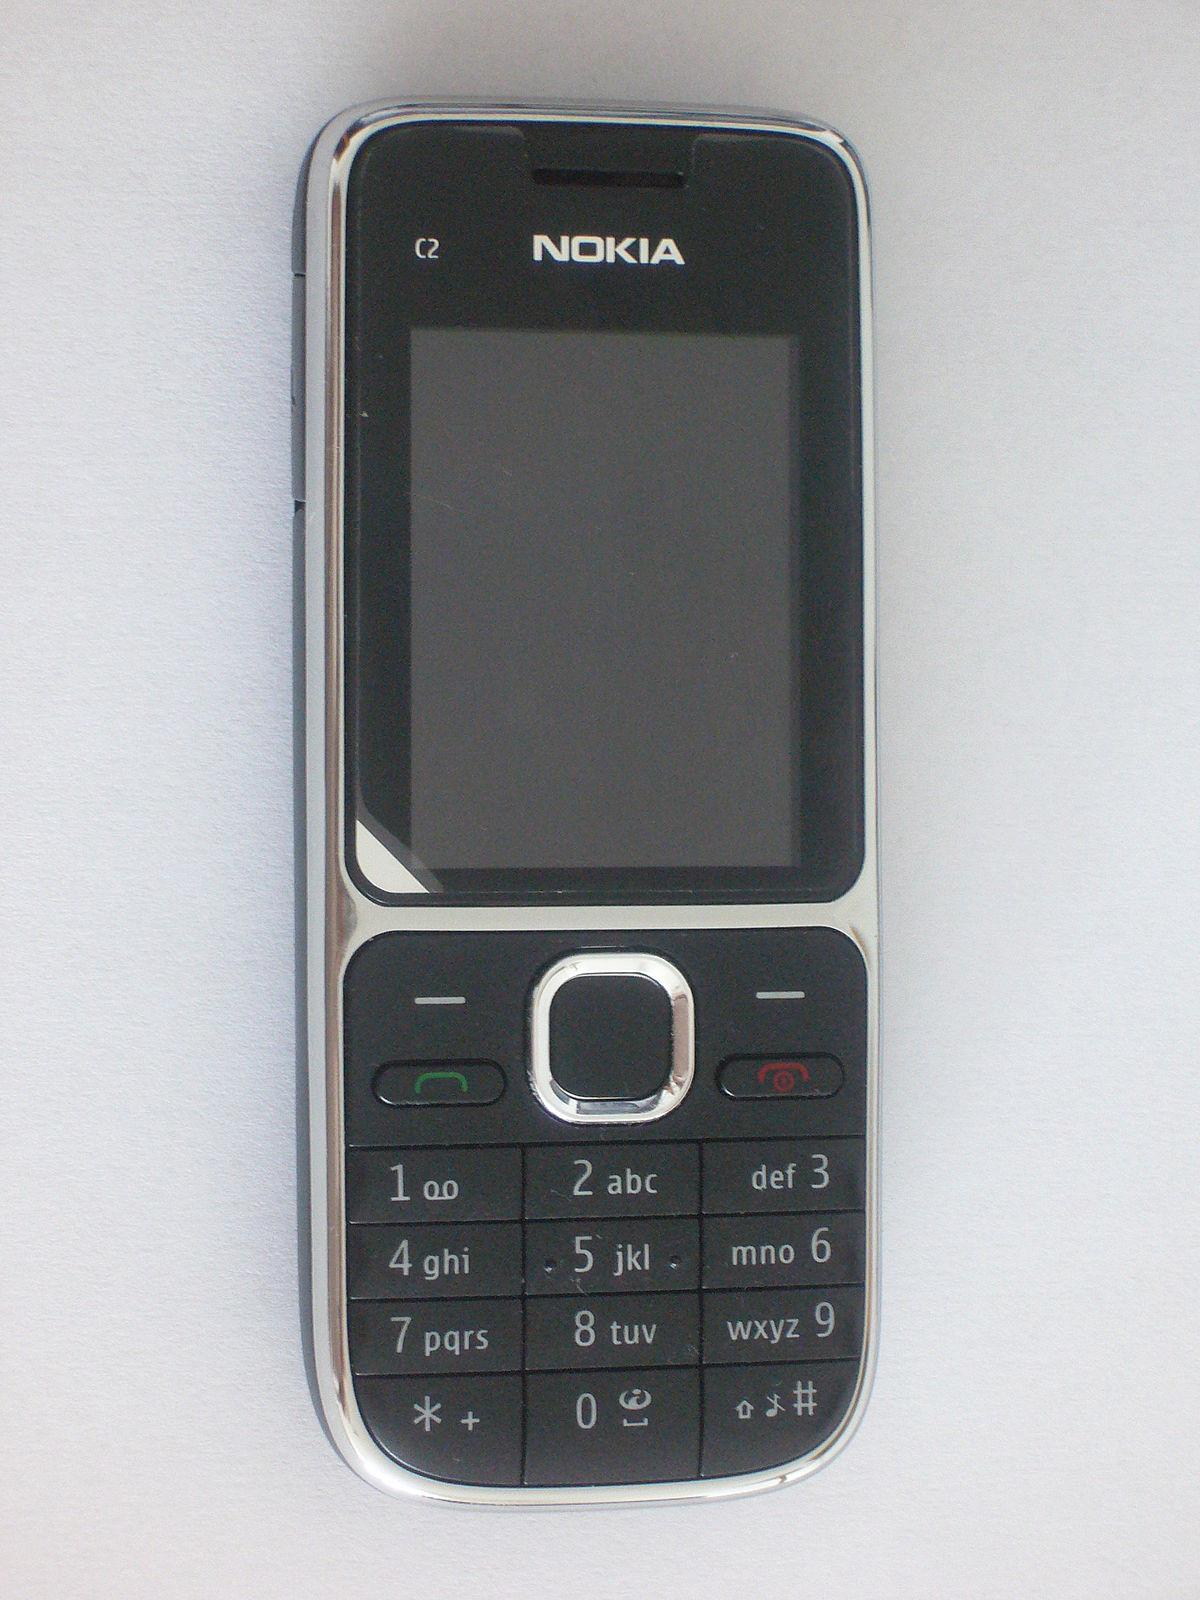 Nokia C2-01 - Wikipedia